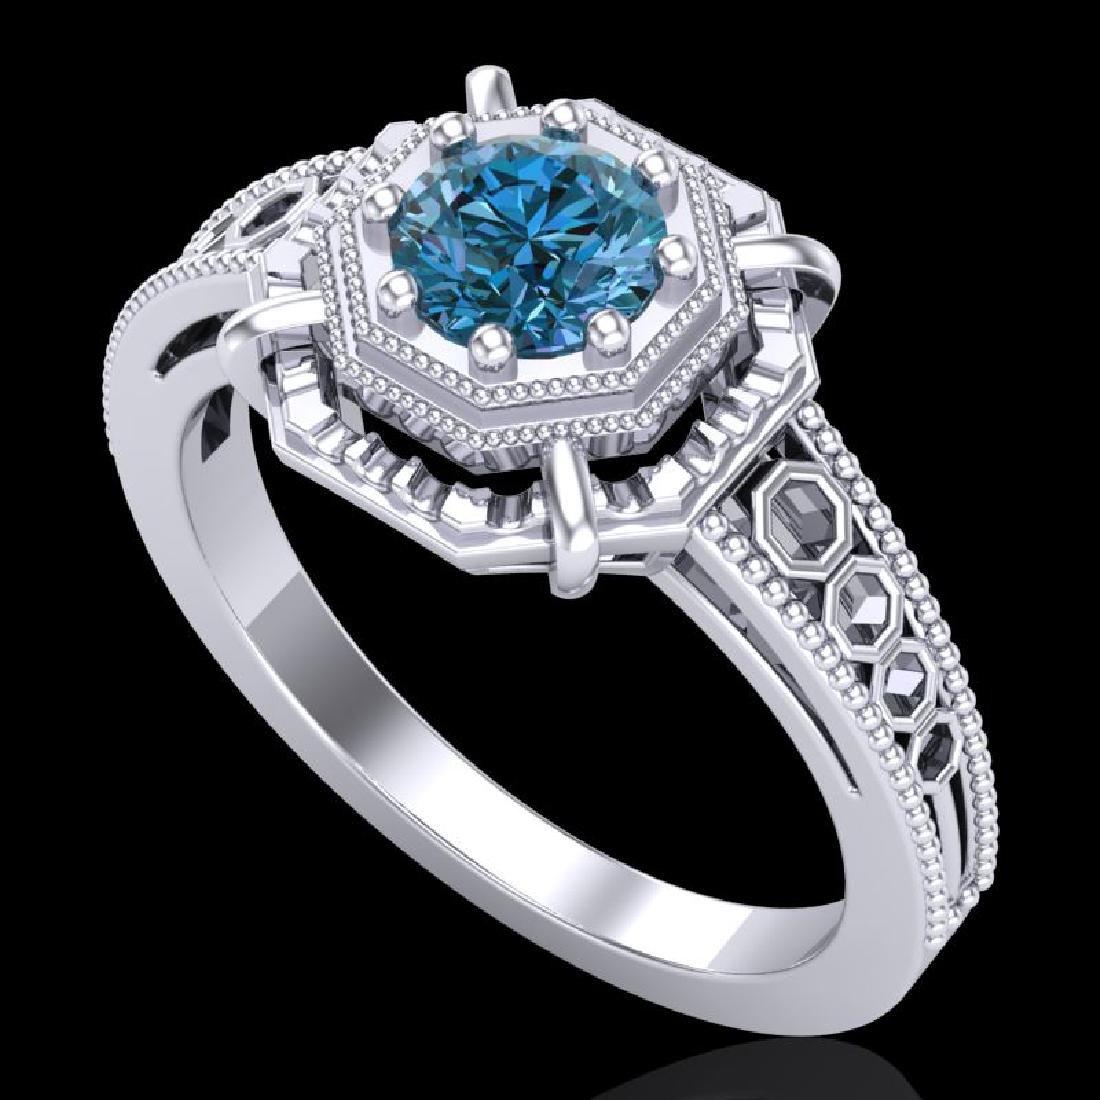 0.53 CTW Fancy Intense Blue Diamond Solitaire Art Deco